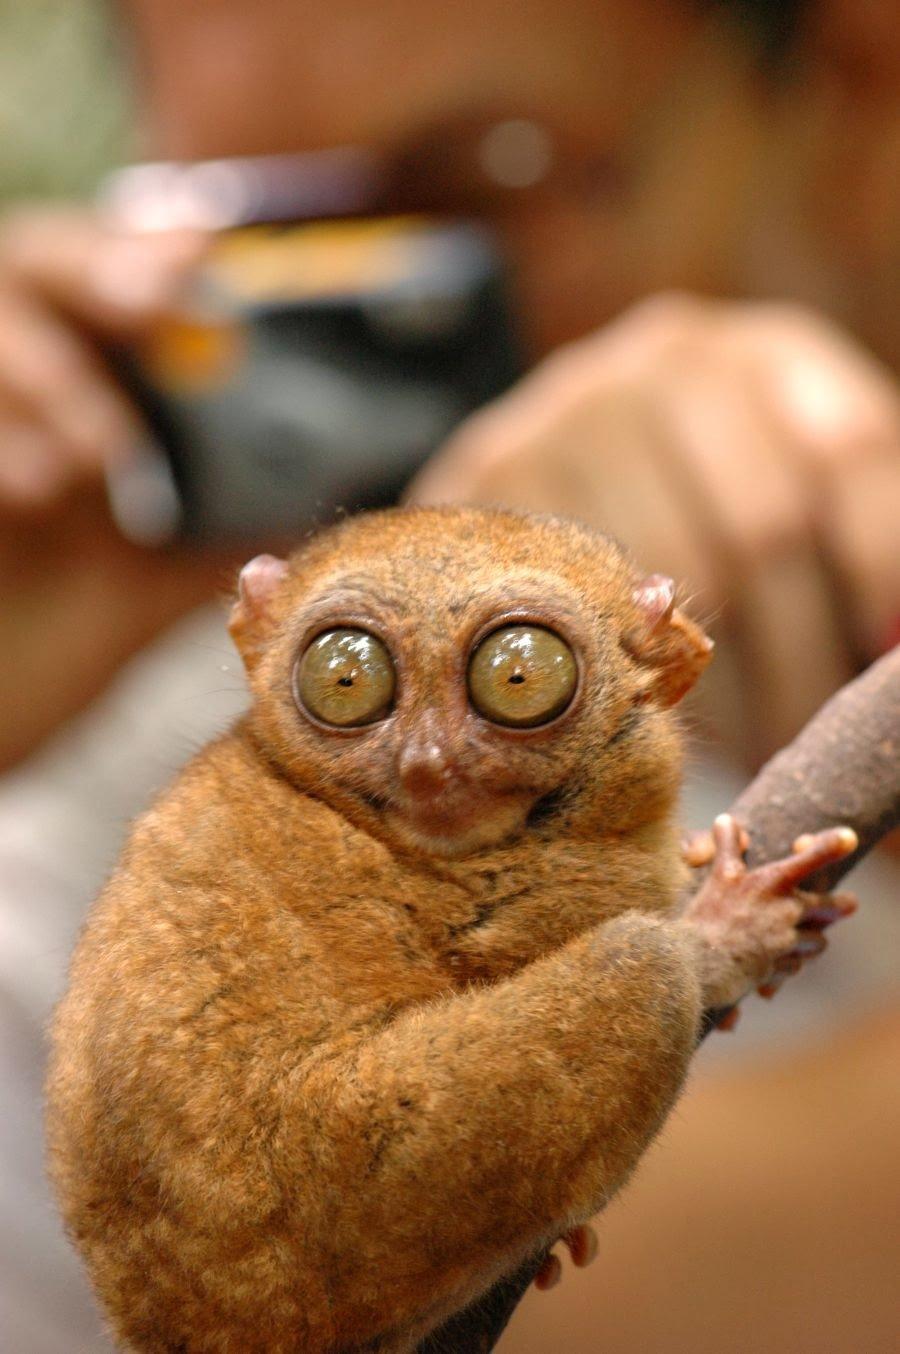 Для, очень смешная картинка животного